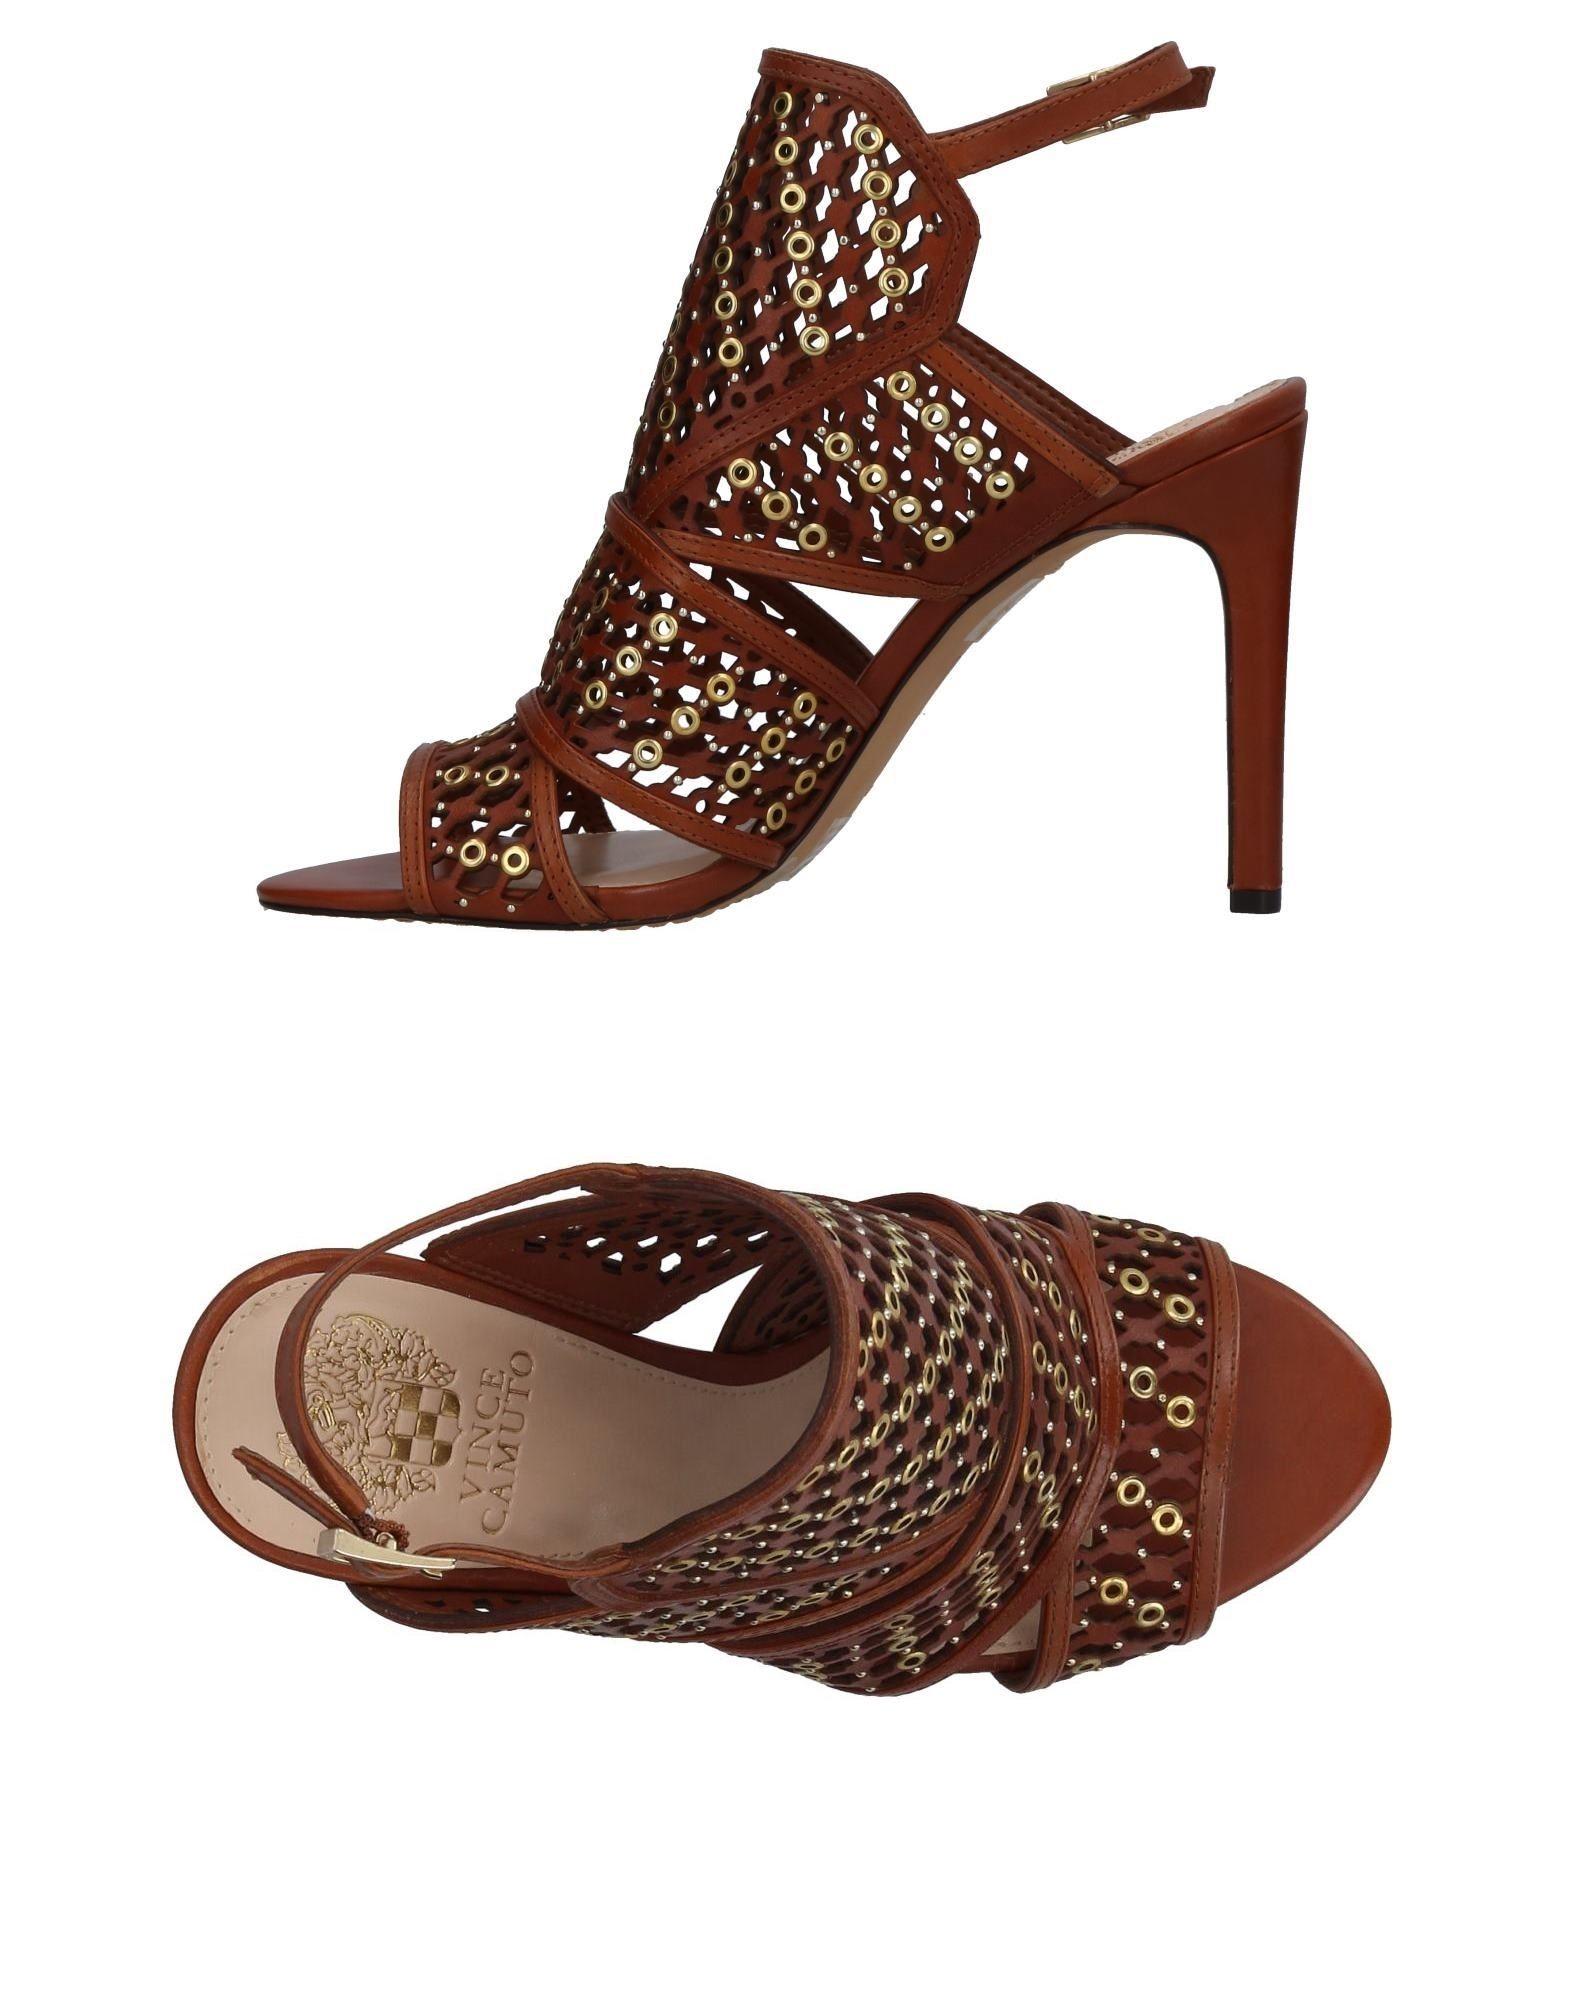 Los zapatos más populares hombres para hombres populares y mujeres Sandalia Vince Camuto Mujer - Sandalias Vince Camuto  Negro ea5745